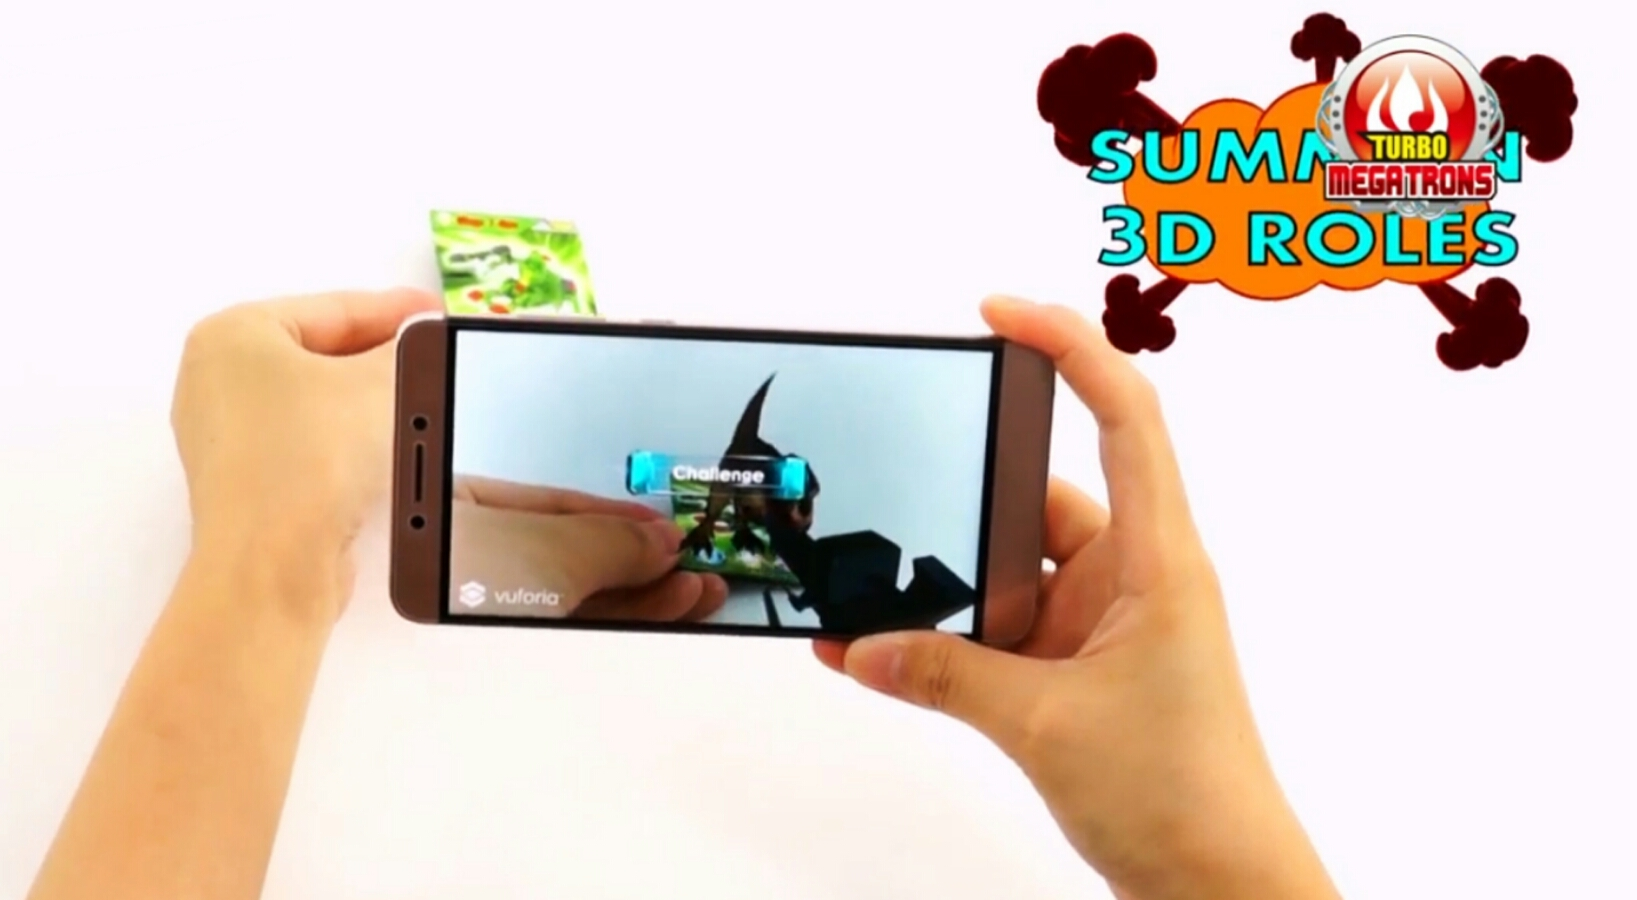 خرید پستی  بازی سه بعدی ماشین های تبدیل شونده مگاترون